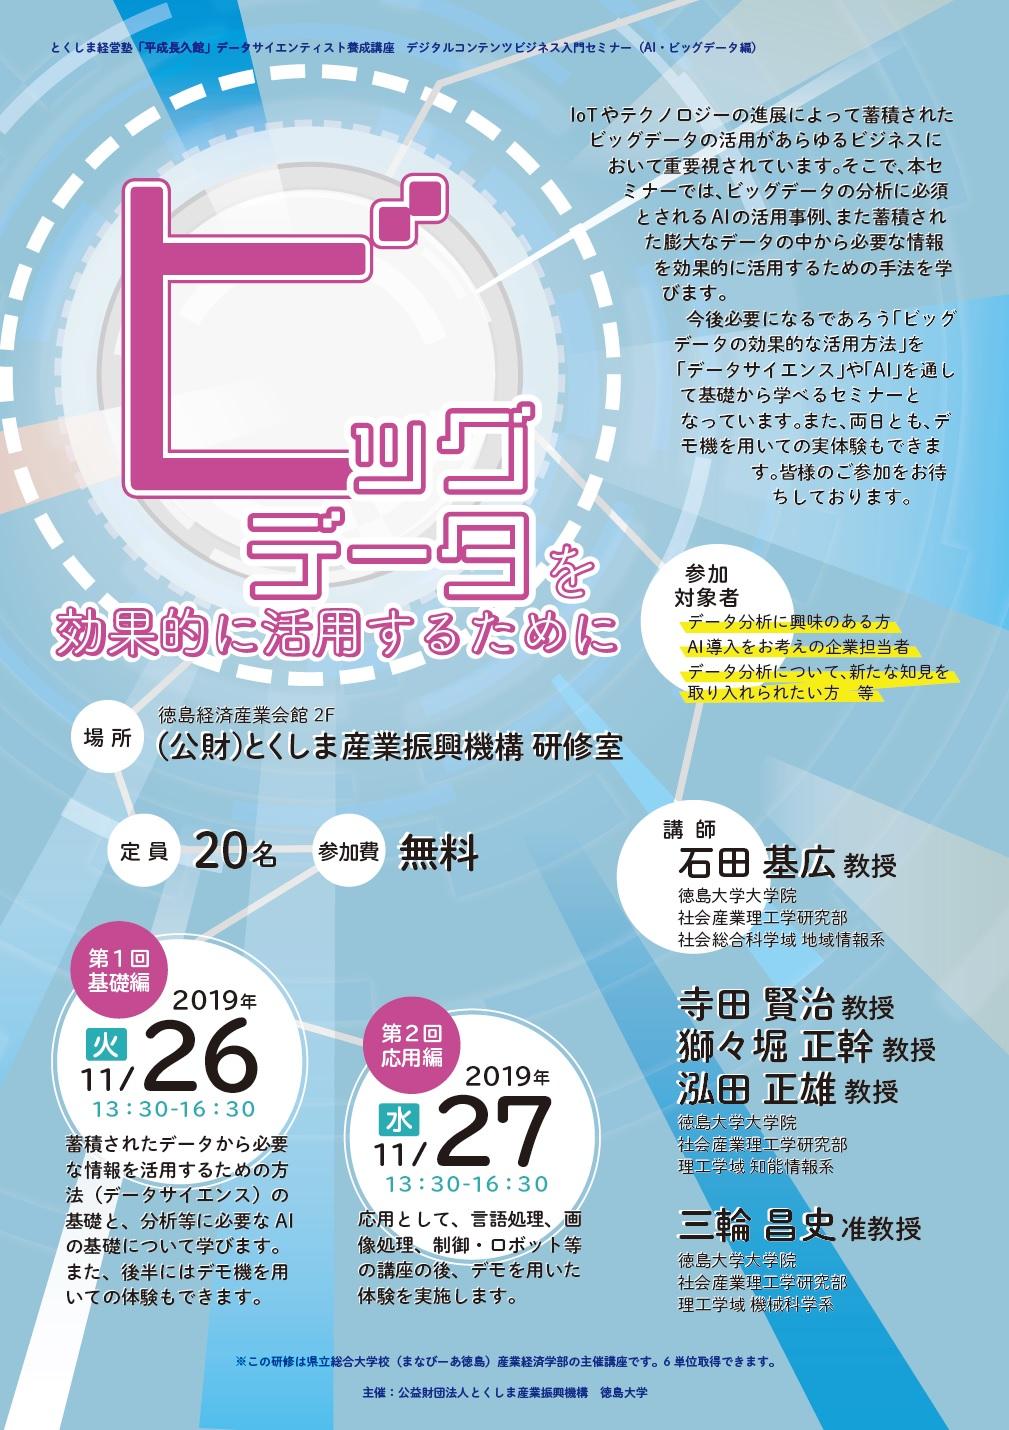 デジタルコンテンツビジネス入門セミナー(AI編)